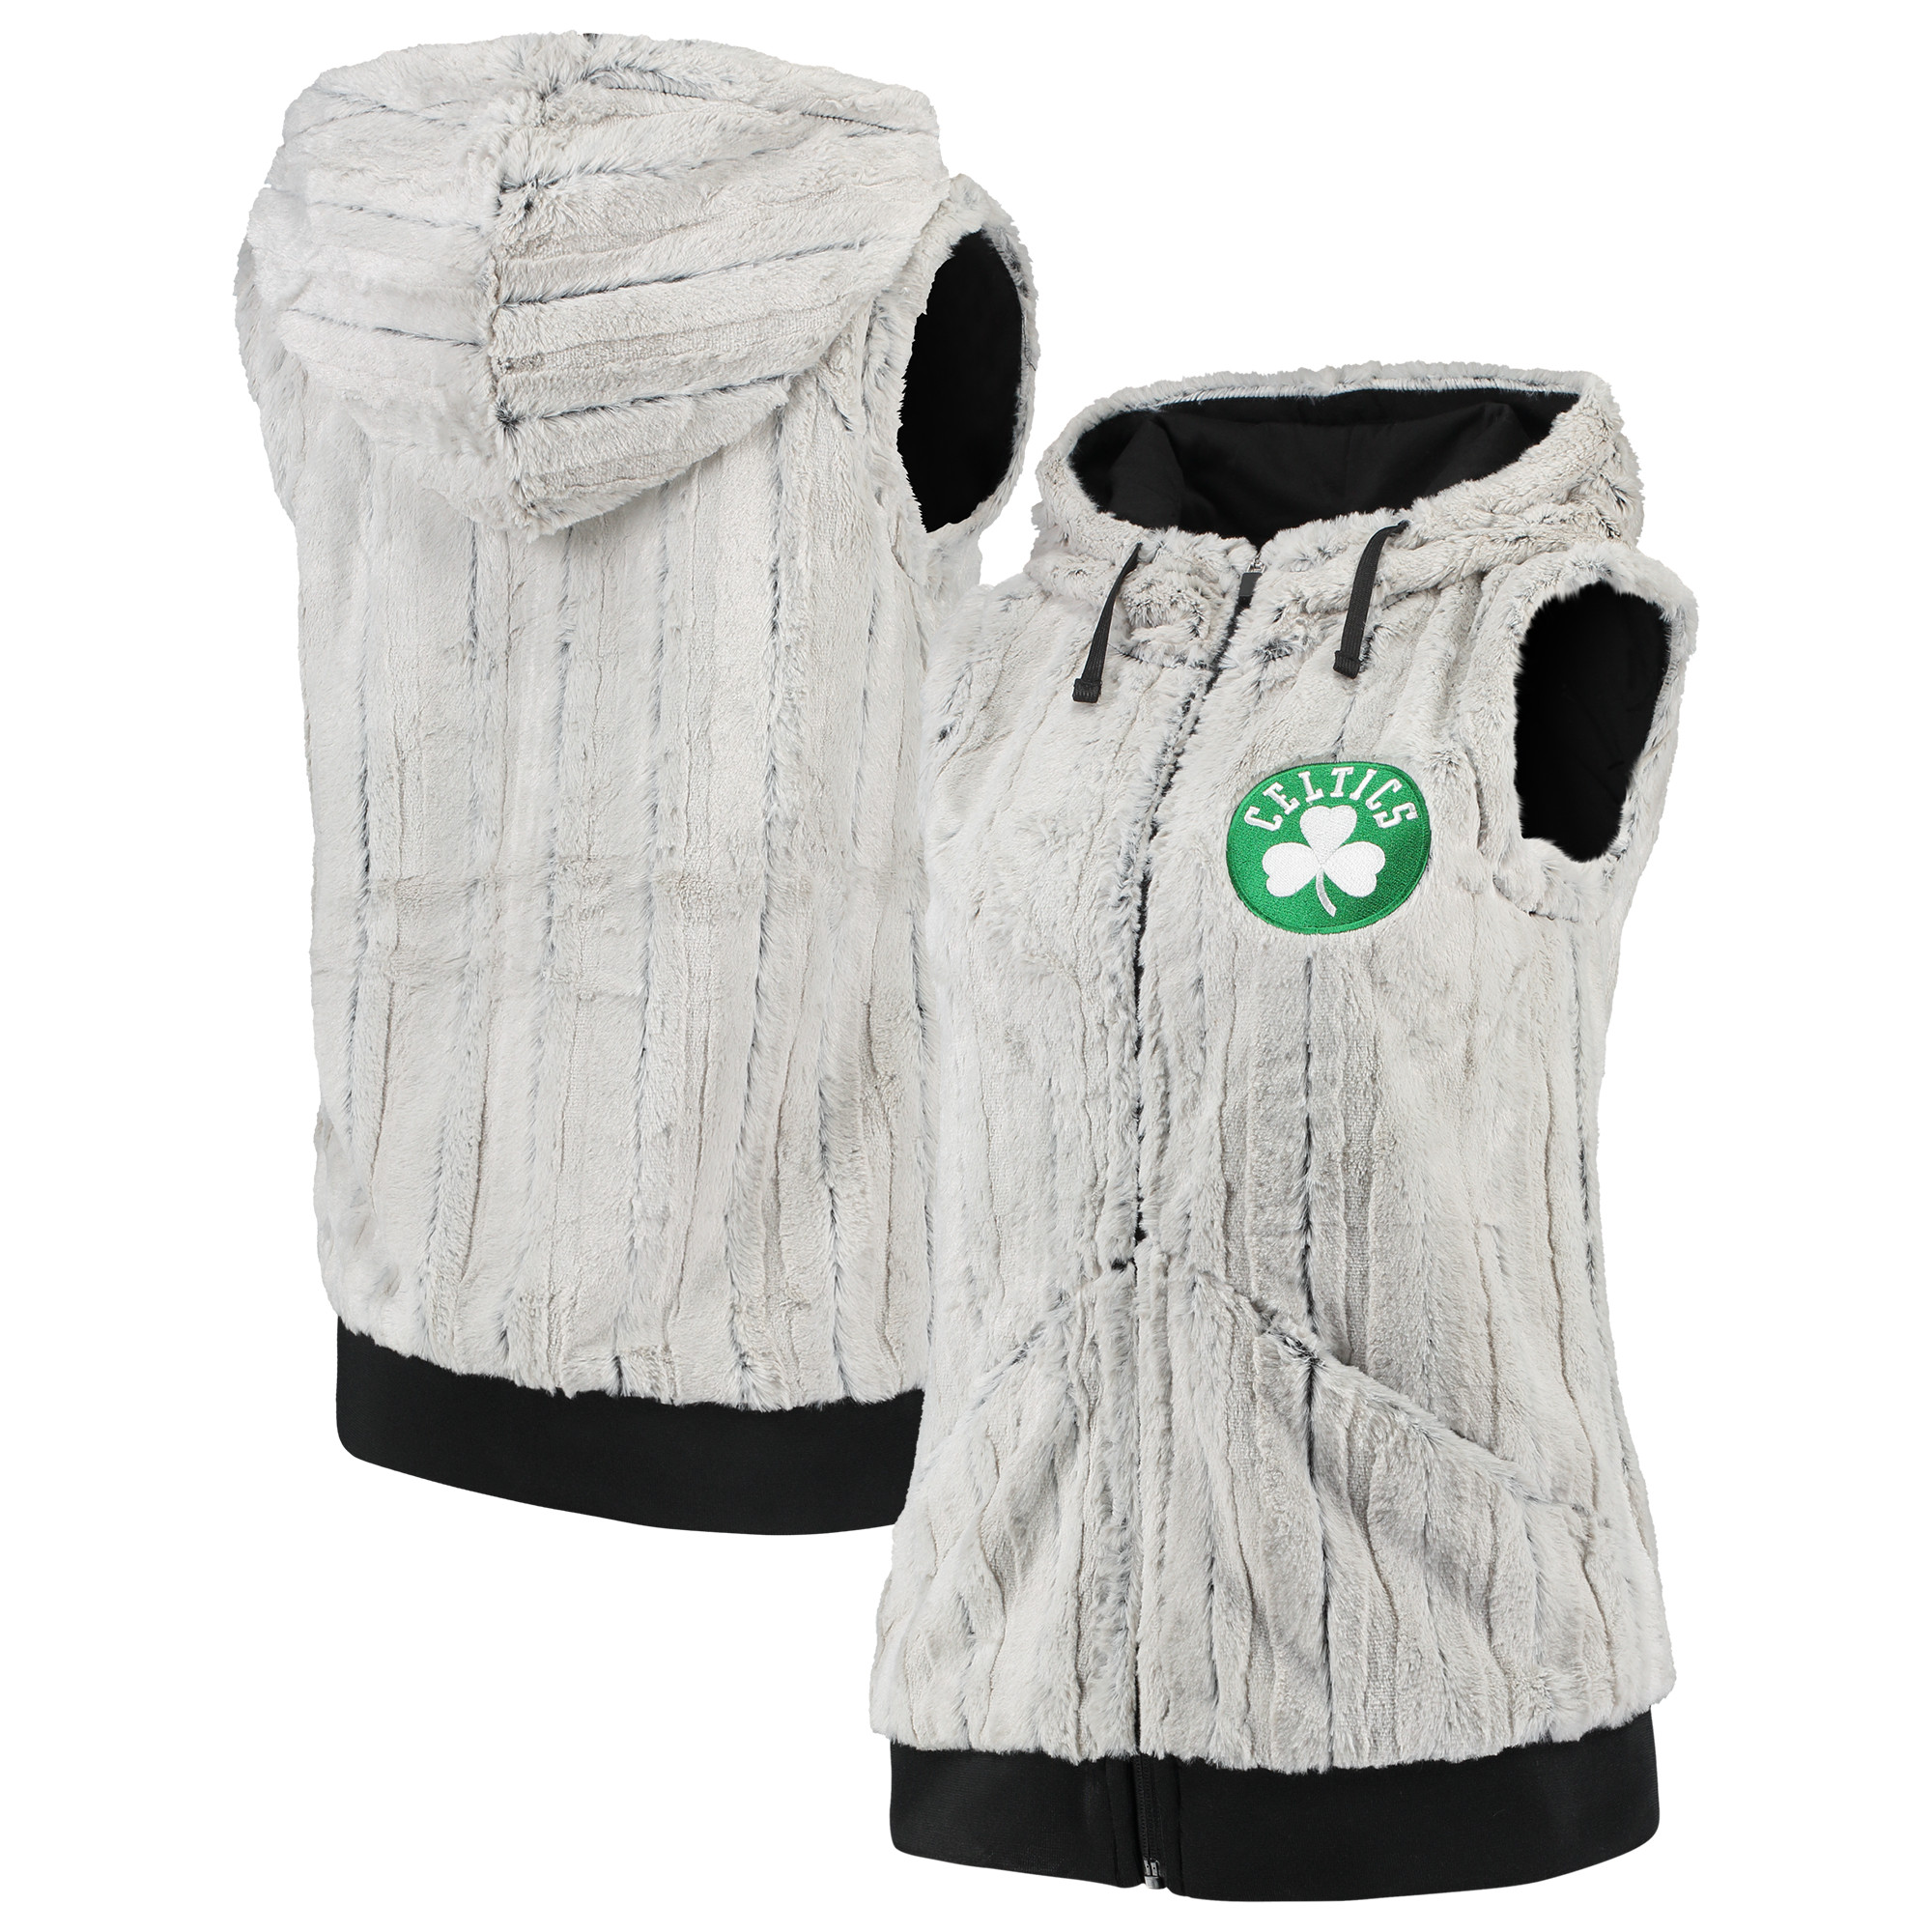 Boston Celtics Antigua Women's Rant Hooded Full-Zip Vest - Silver/Black